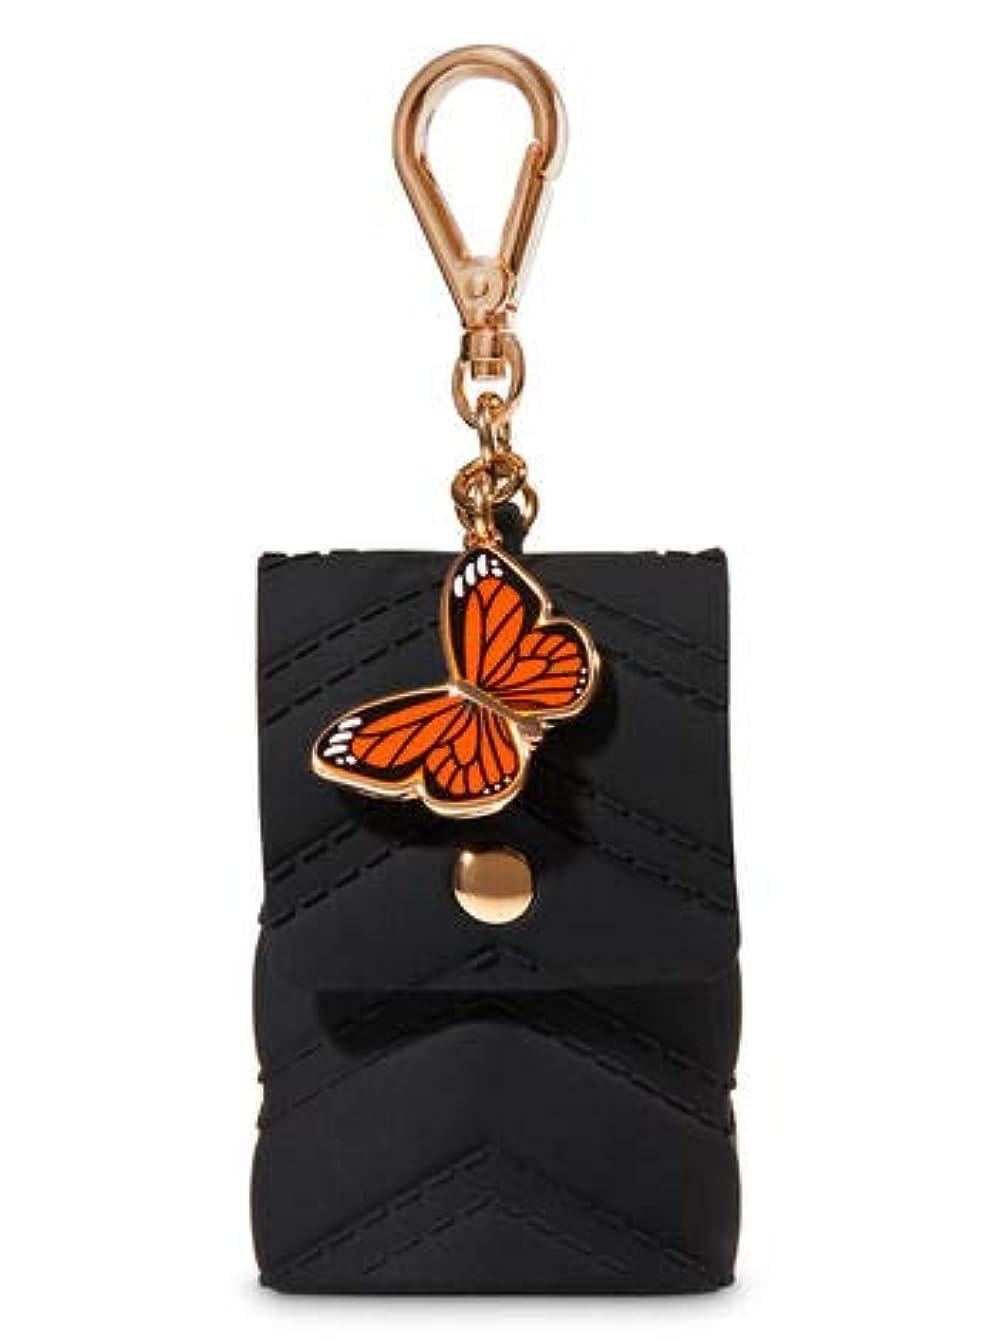 純正適応シンプトン【Bath&Body Works/バス&ボディワークス】 抗菌ハンドジェルホルダー バタフライチャーム Pocketbac Holder Butterfly Charm [並行輸入品]